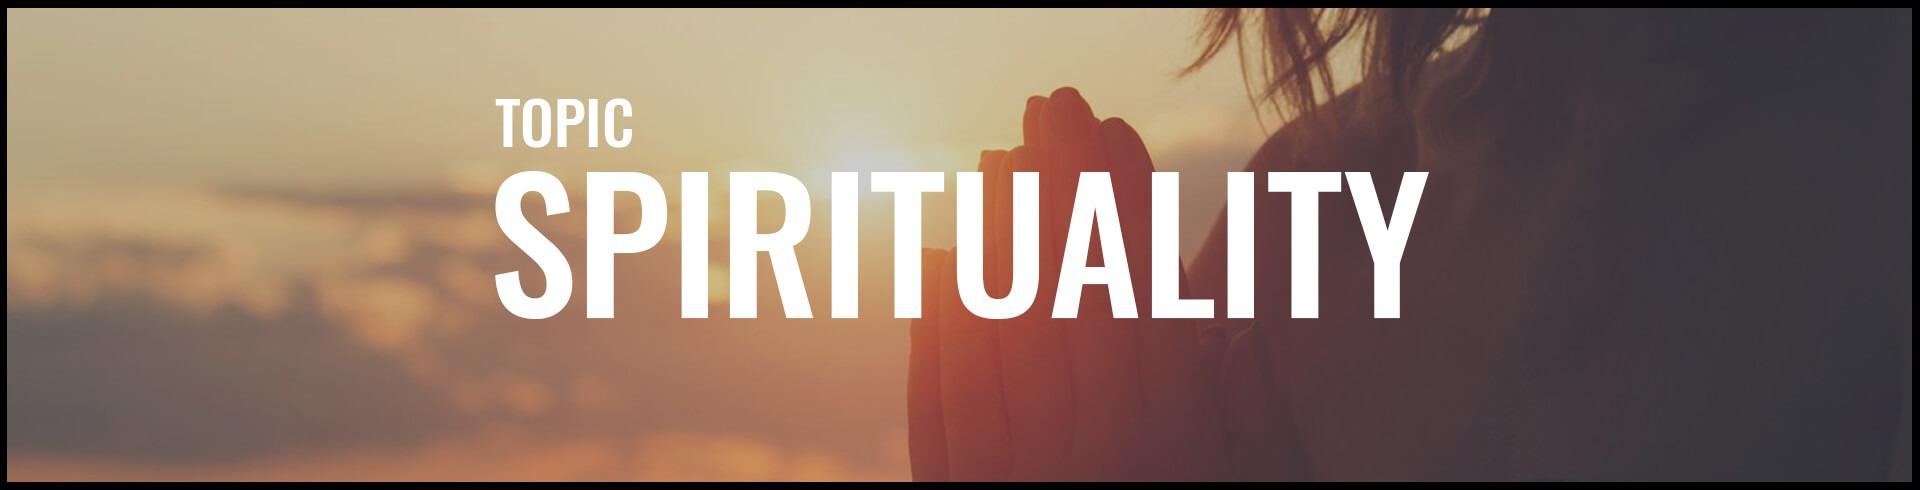 Spirituality-Great-Awakening-Report